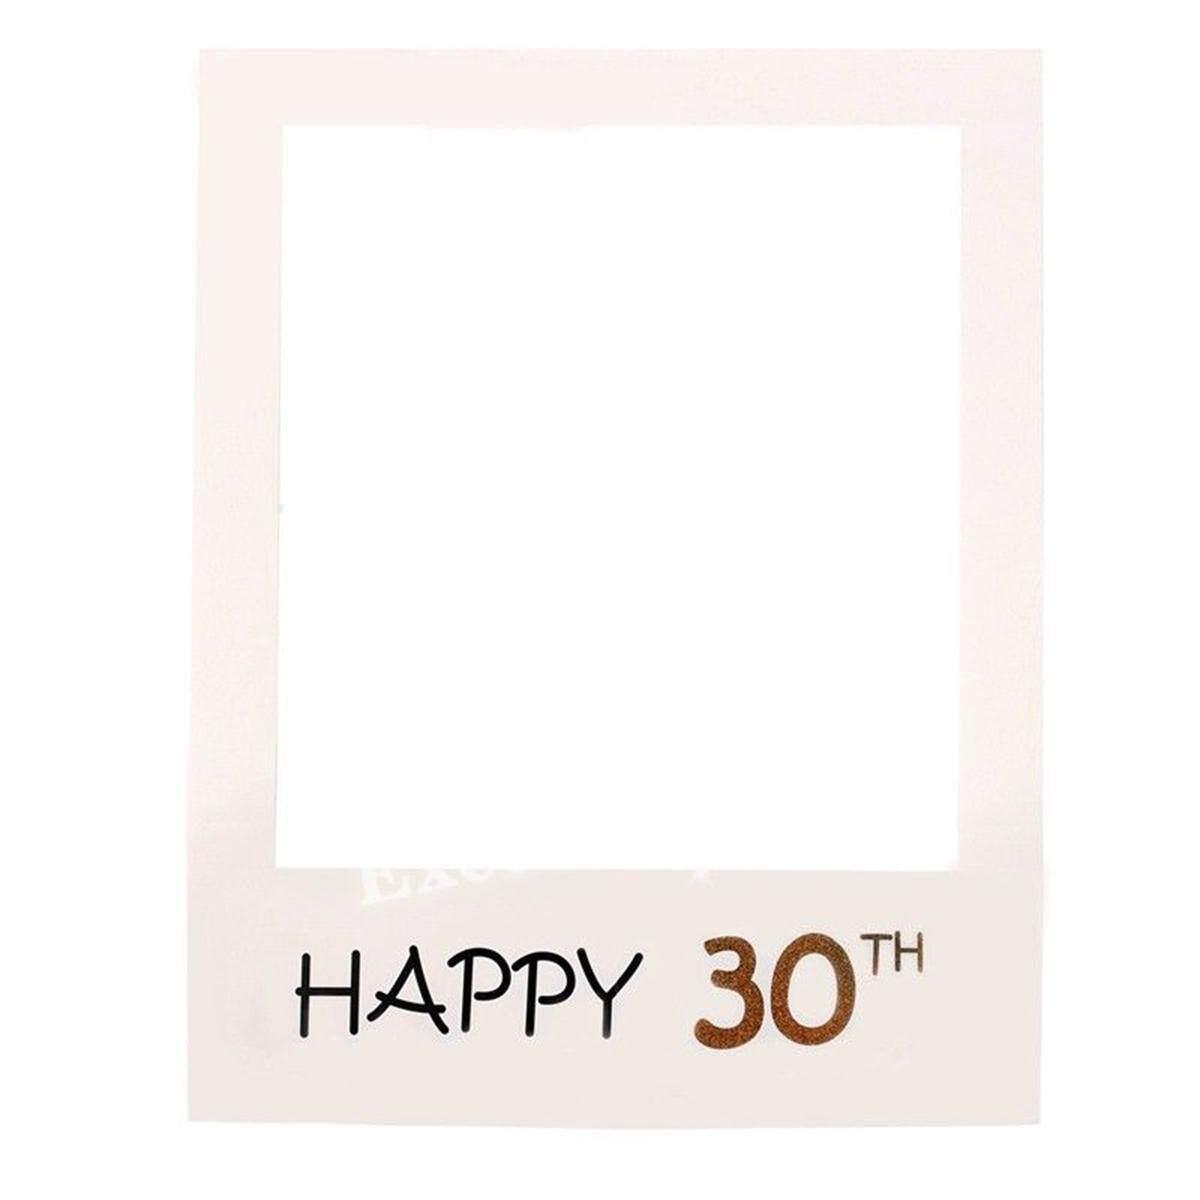 30 40 50th Chúc Mừng Sinh Nhật Cưới 2018 Cụ Hóa Trang Chụp hình Khung Trang Trí Tiệc Ảnh